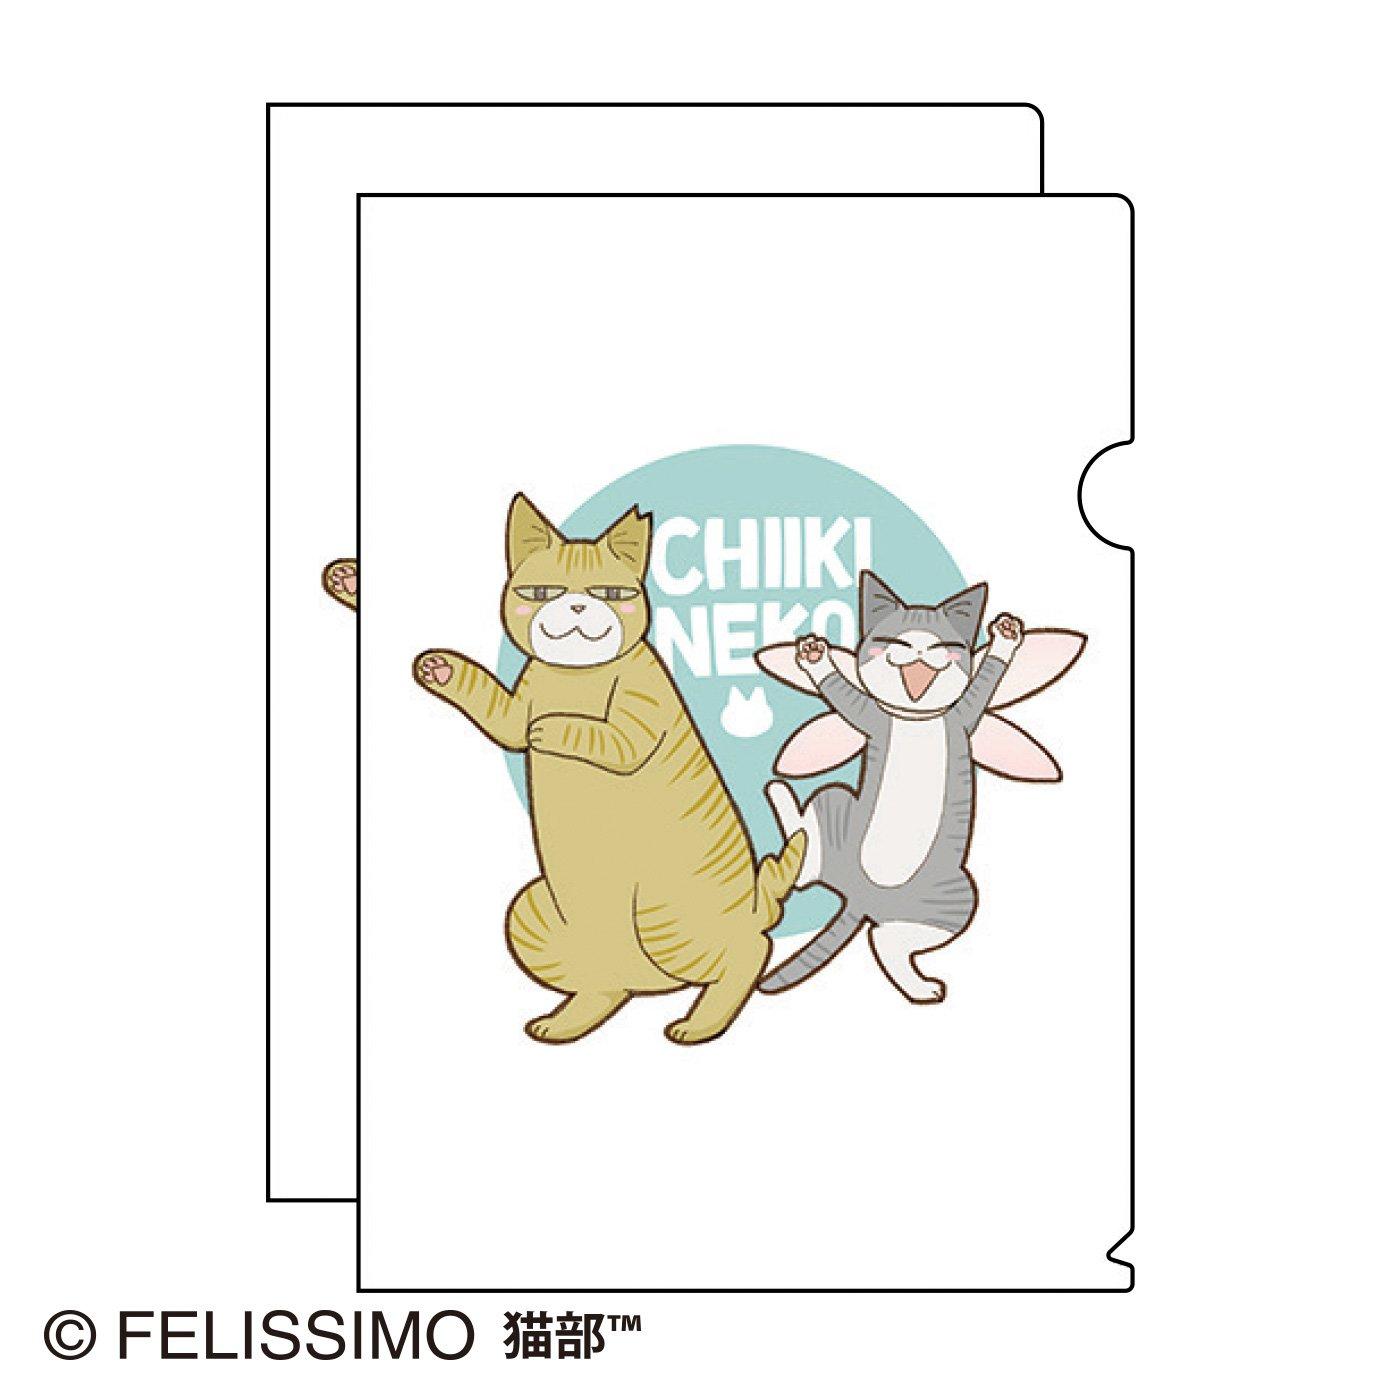 吉川景都×猫部 地域猫チャリティークリアファイル2021